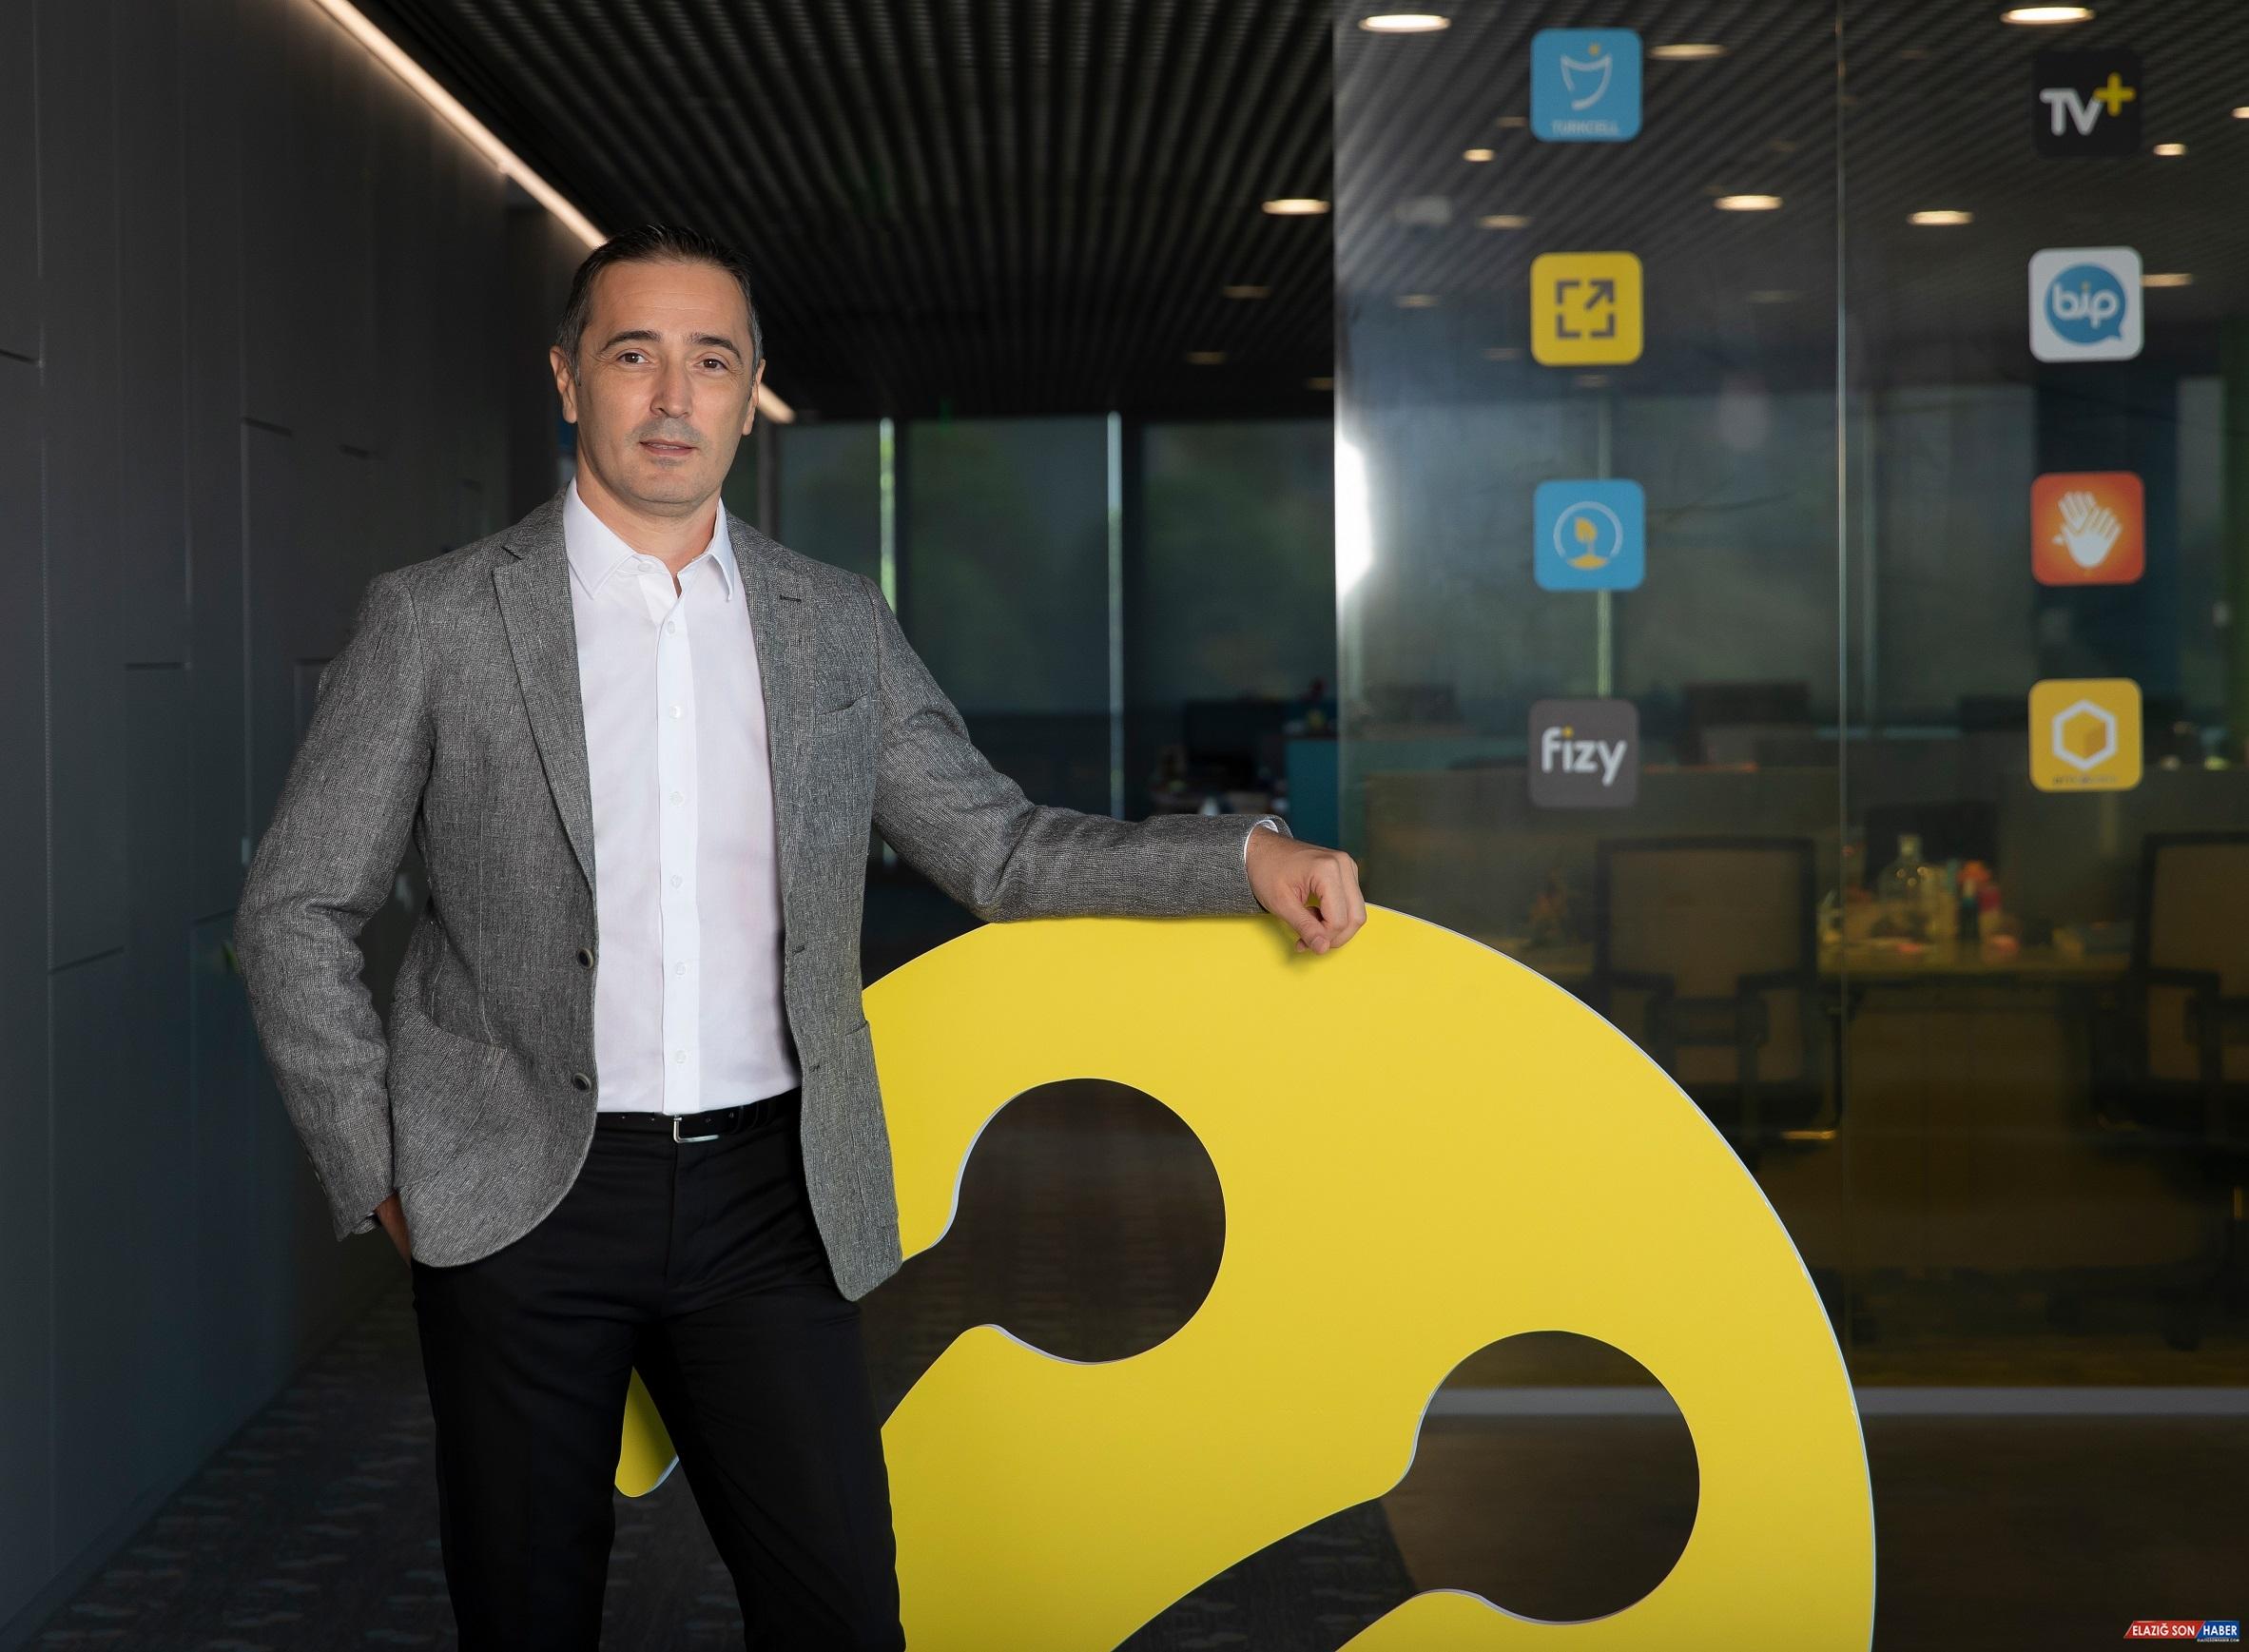 BiP, TV+, lifebox ve Hızlı Giriş Digicel ile 32 ülkeye açıldı